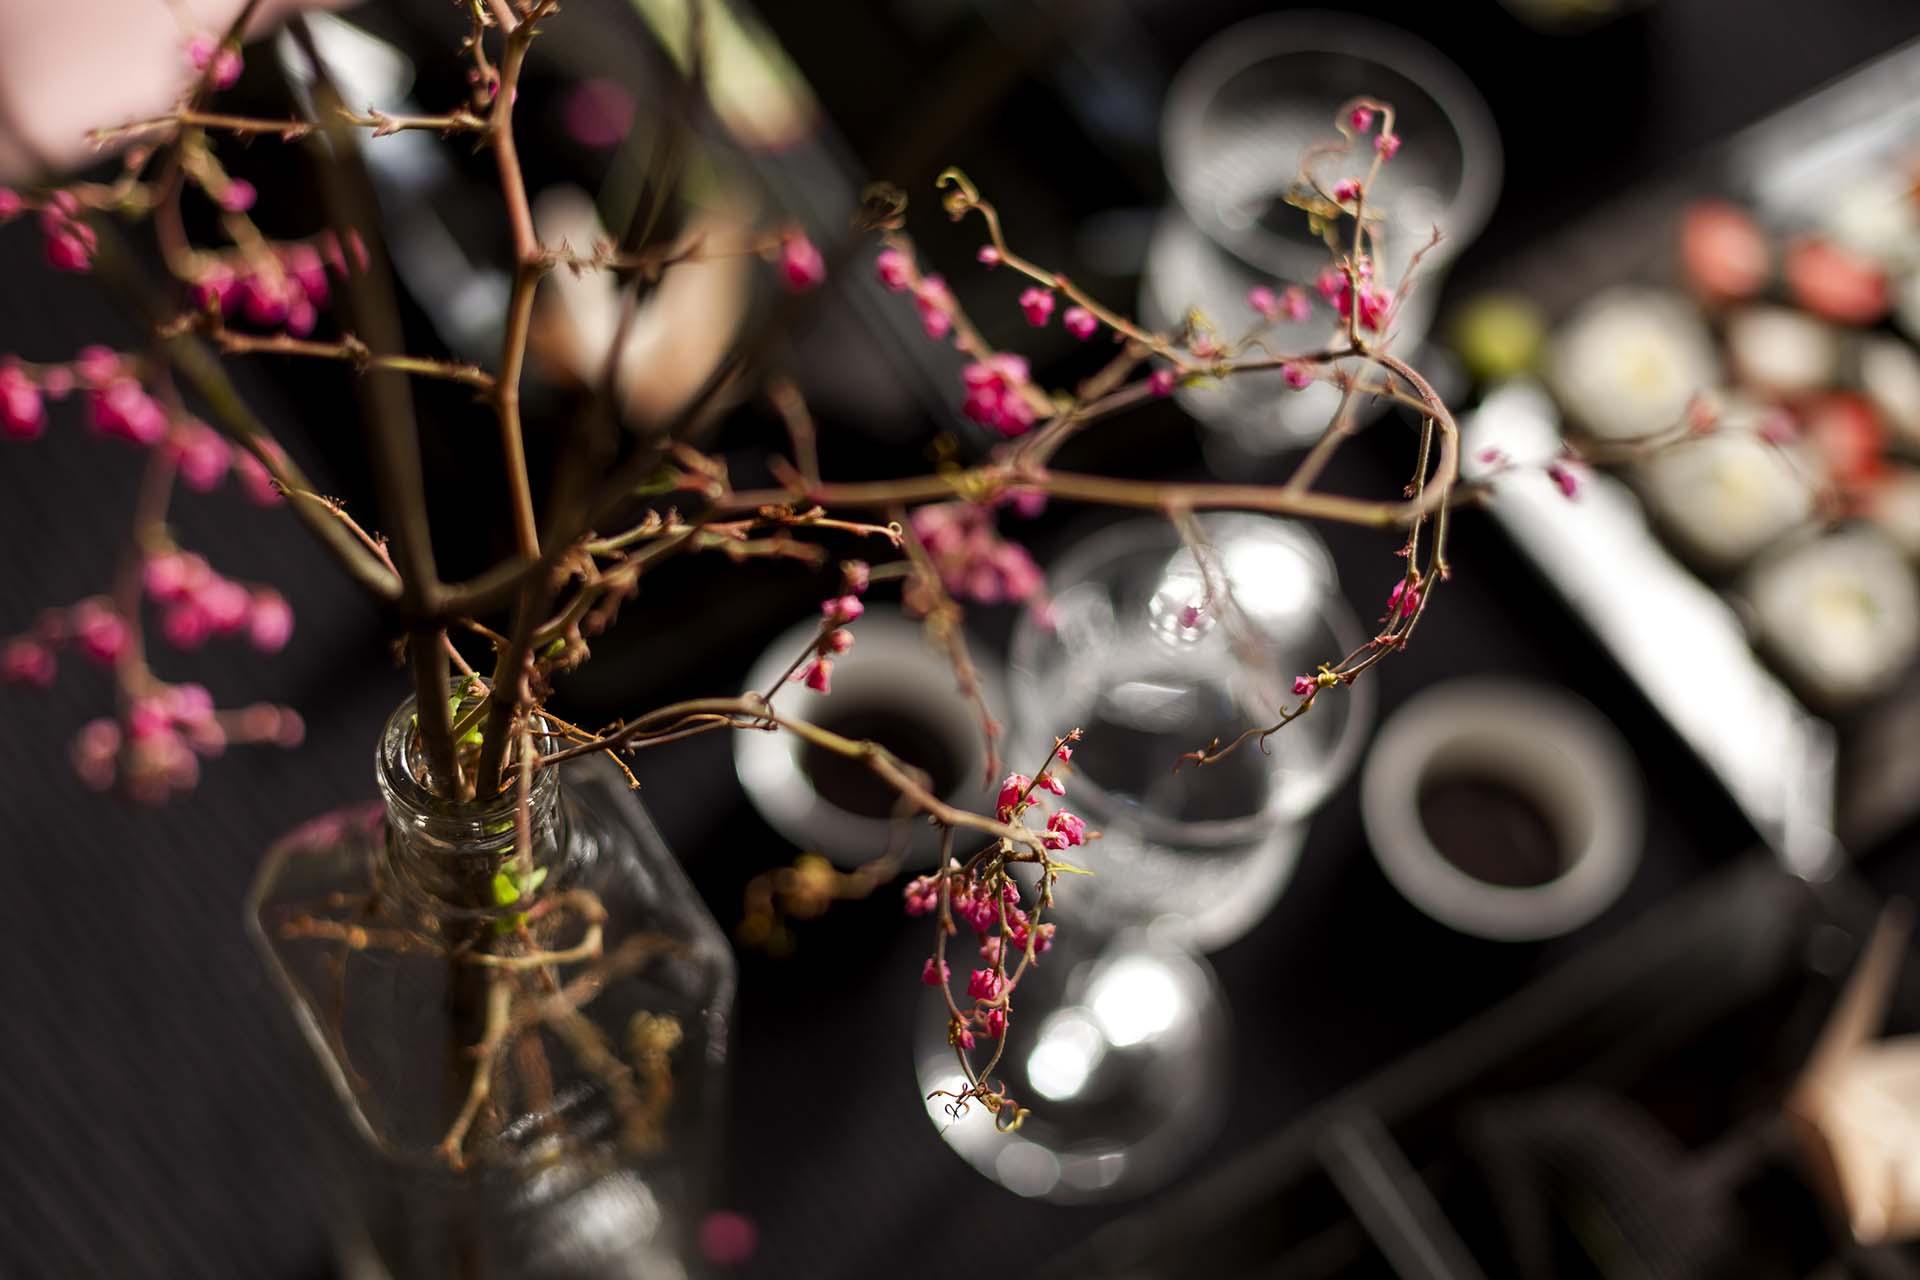 Imagem: Garrafinhas de vidro transparente são excelentes para abrigar flores na decoração. As flores de cerejeira completam a delicadeza da cena. Foto: Raphael Günther/Bespoke Content.